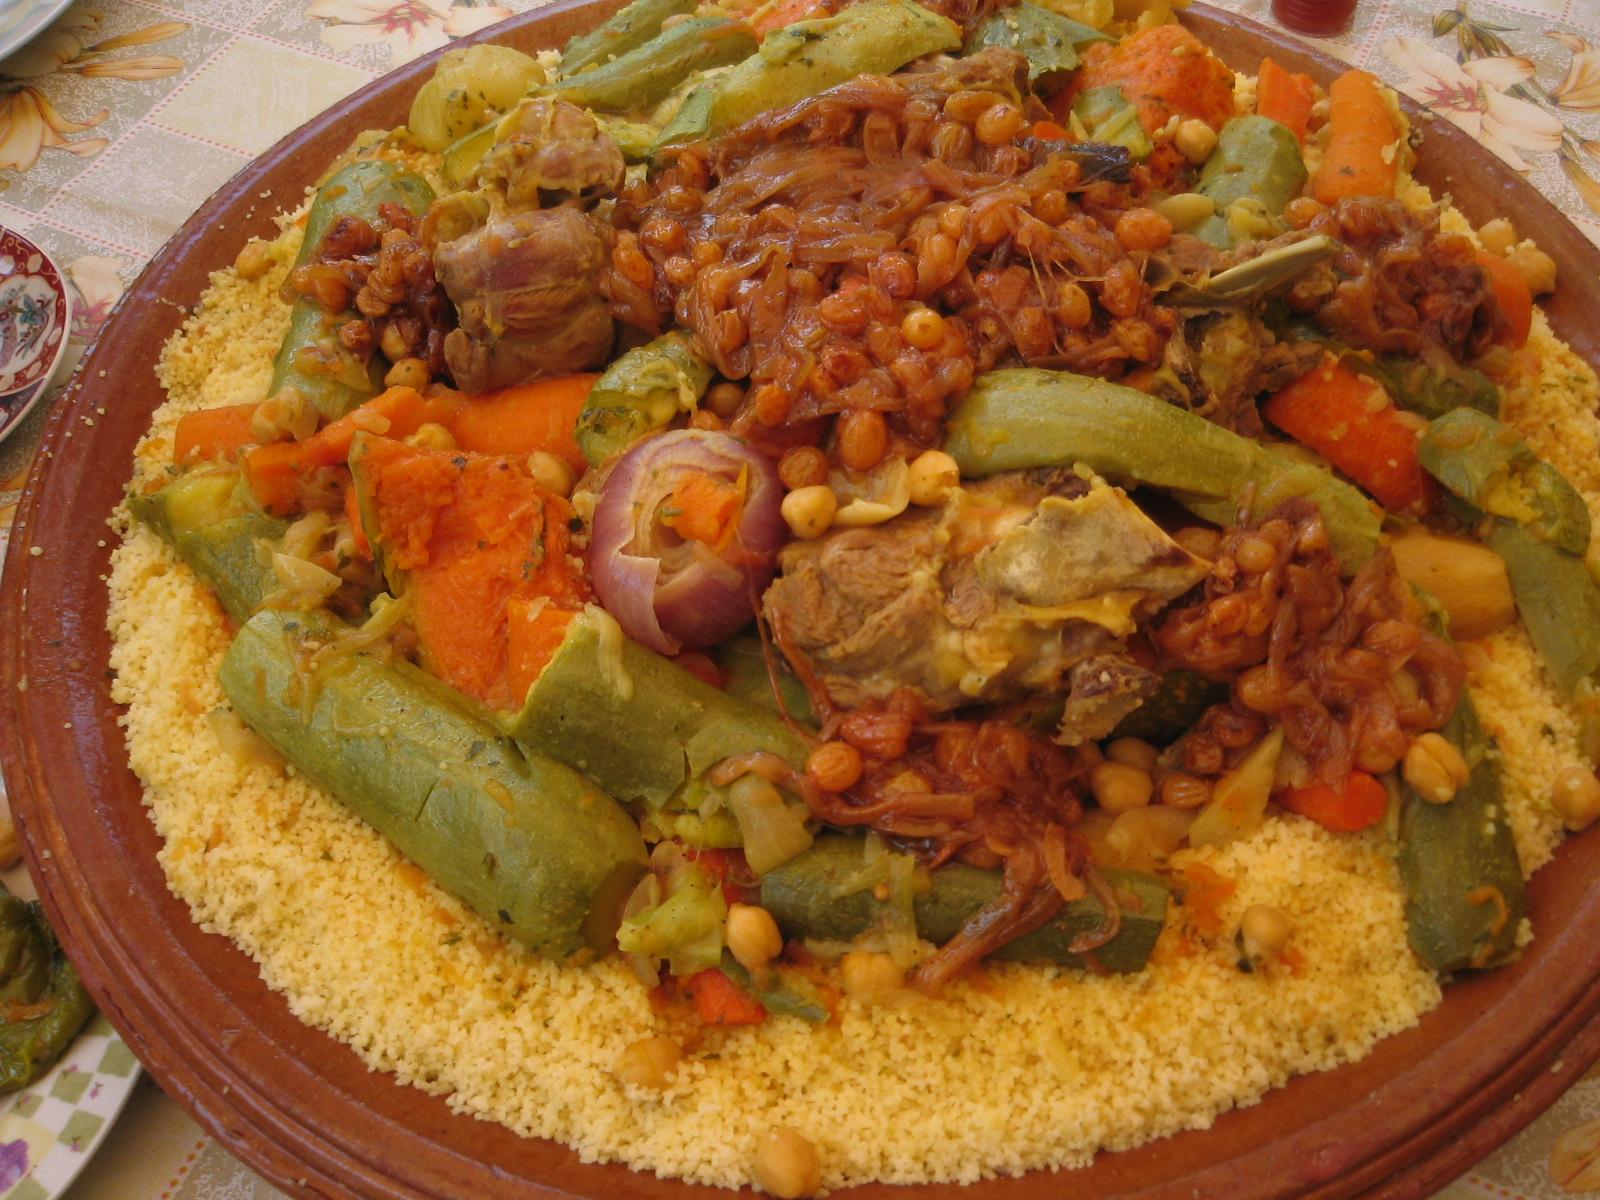 الكسكس المغربي الثري بالخضر المتنوعة